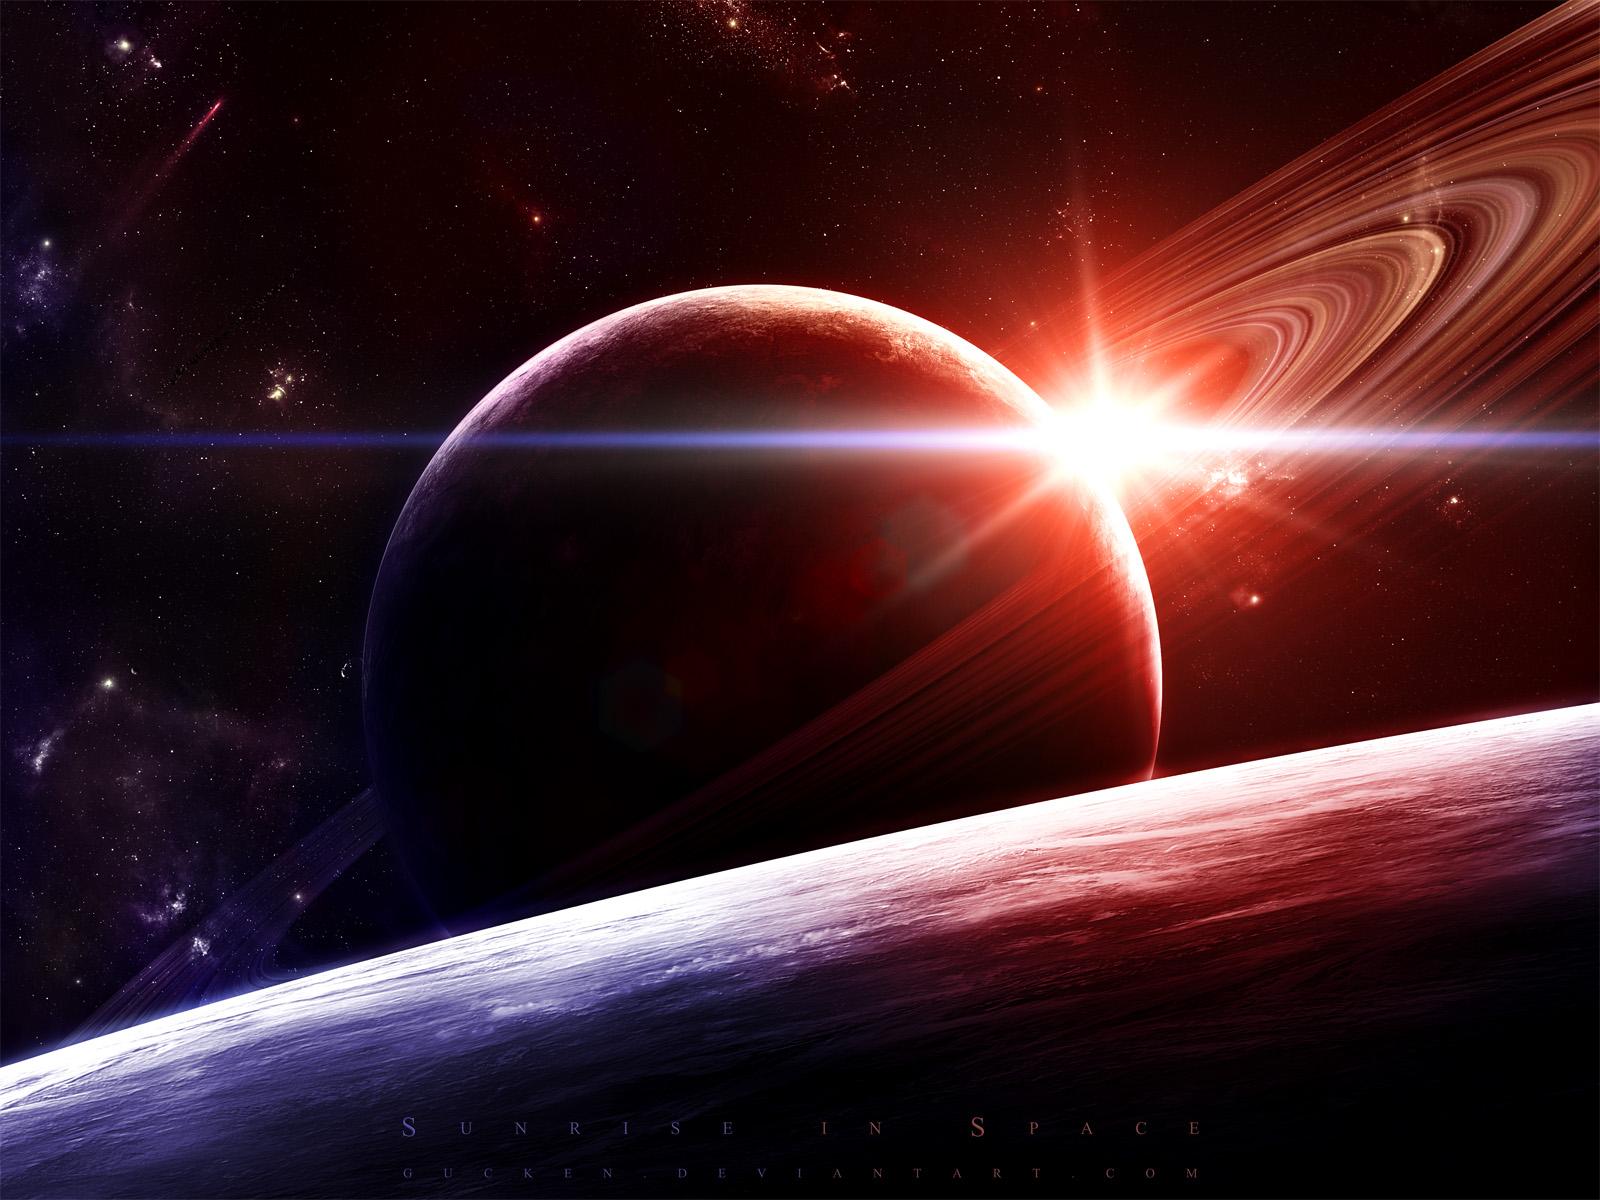 Sfondi Hd Spazio Immagini Saturno Gratis Sfondi Hd Gratis